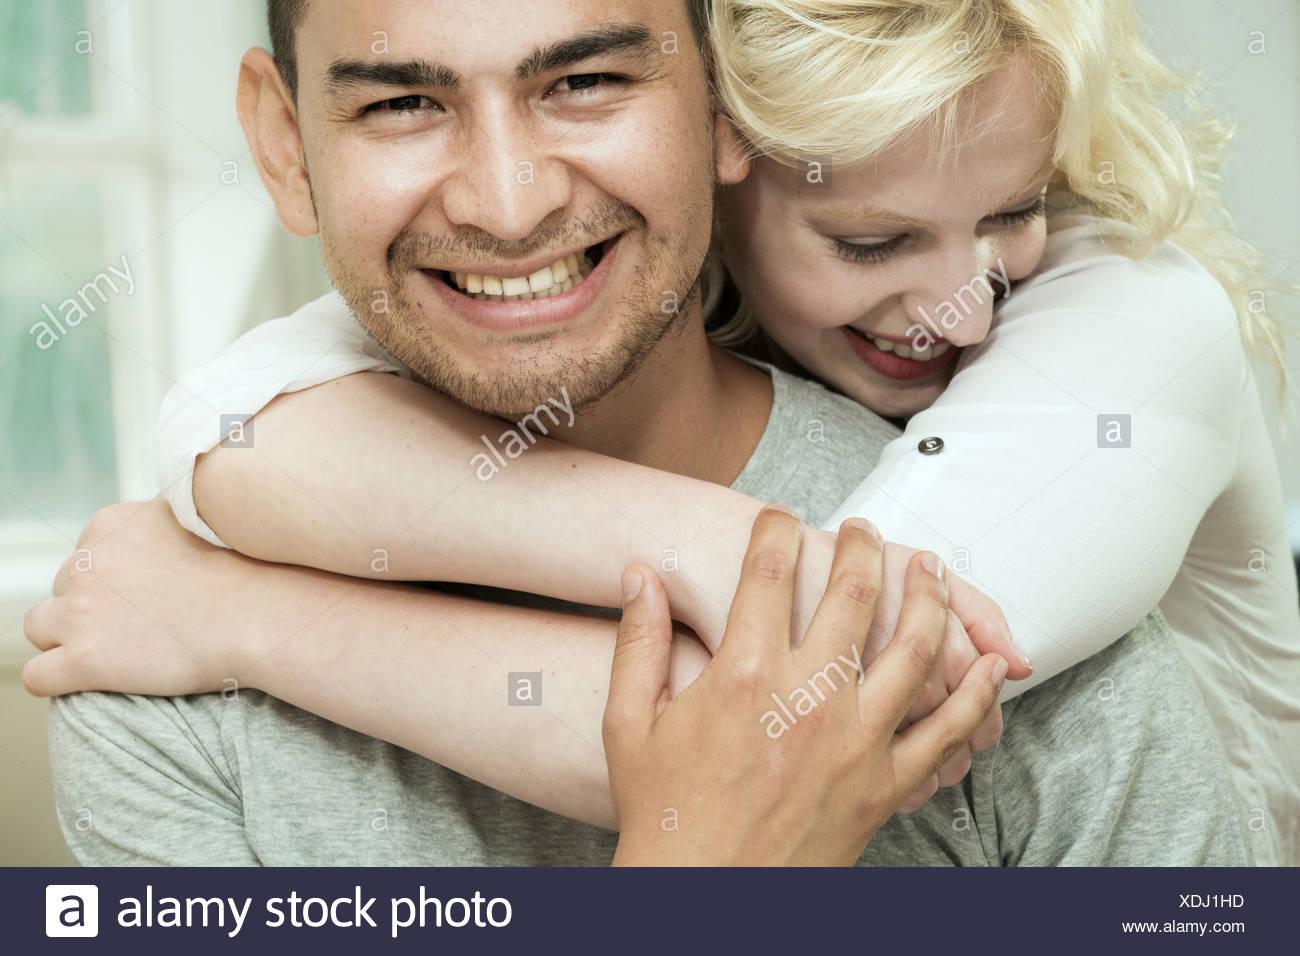 Junge Frau umarmt Freund Stockbild